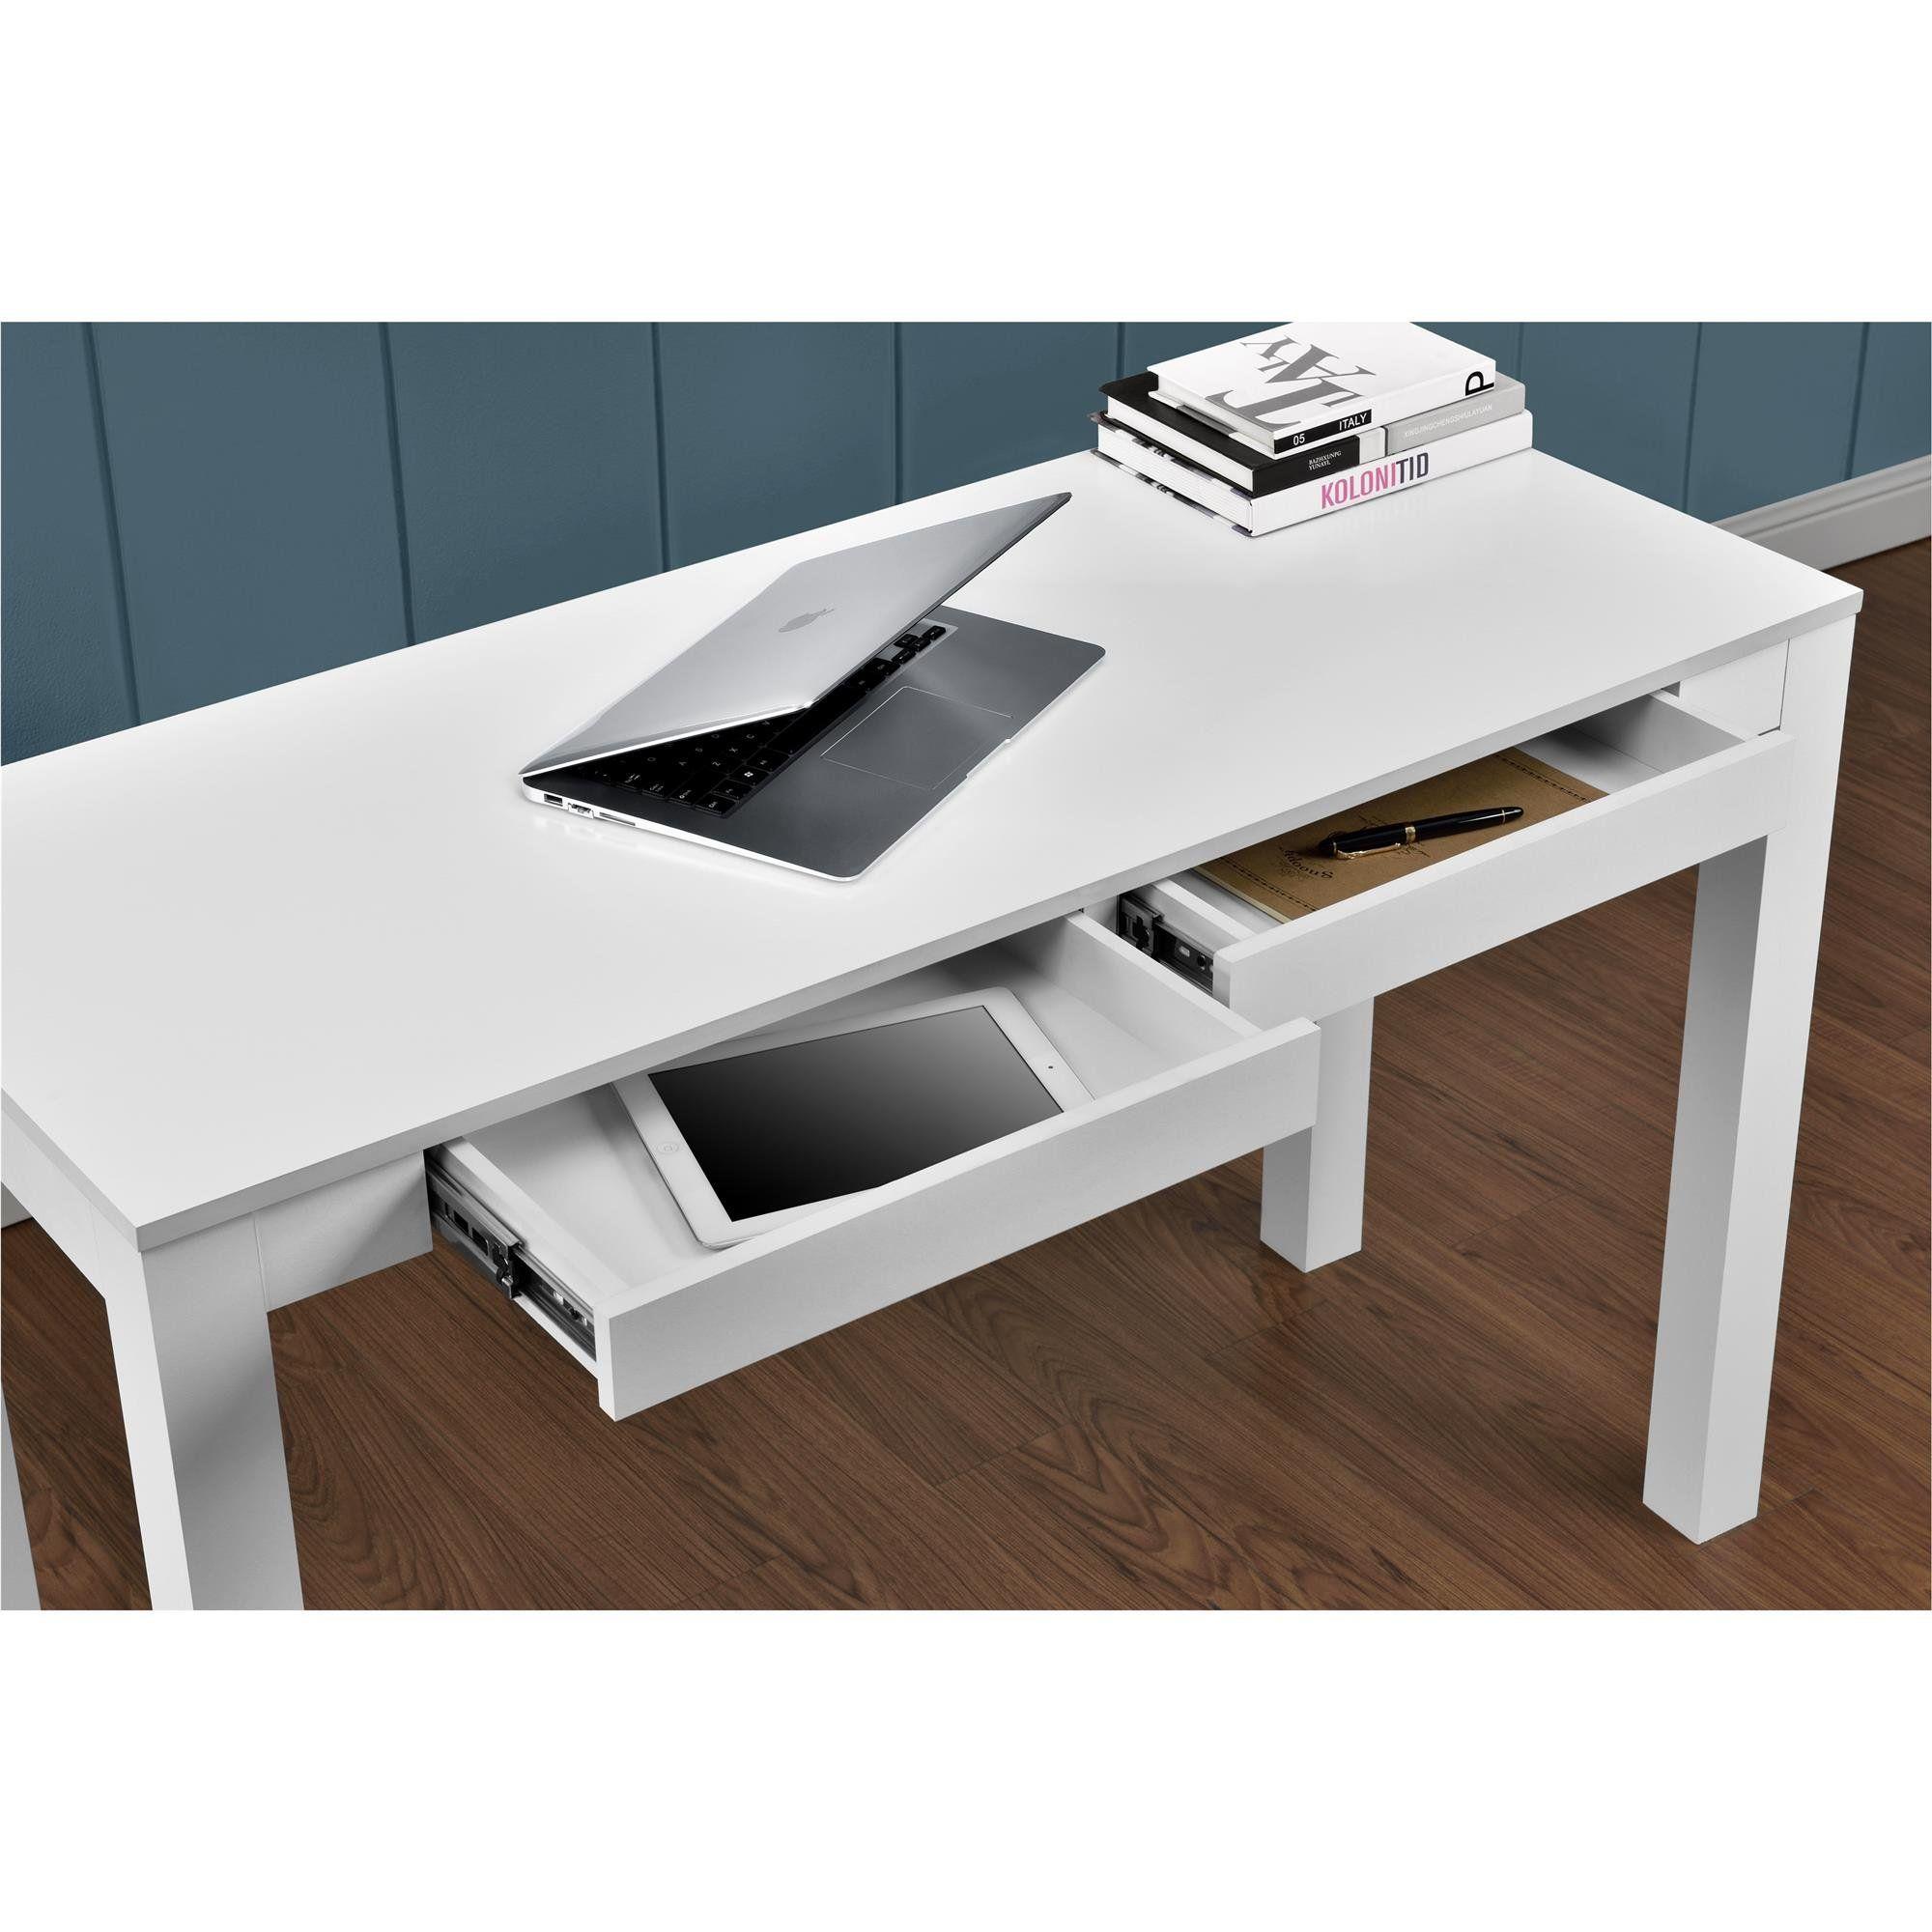 salma writing desk home desk parsons desk white desks. Black Bedroom Furniture Sets. Home Design Ideas